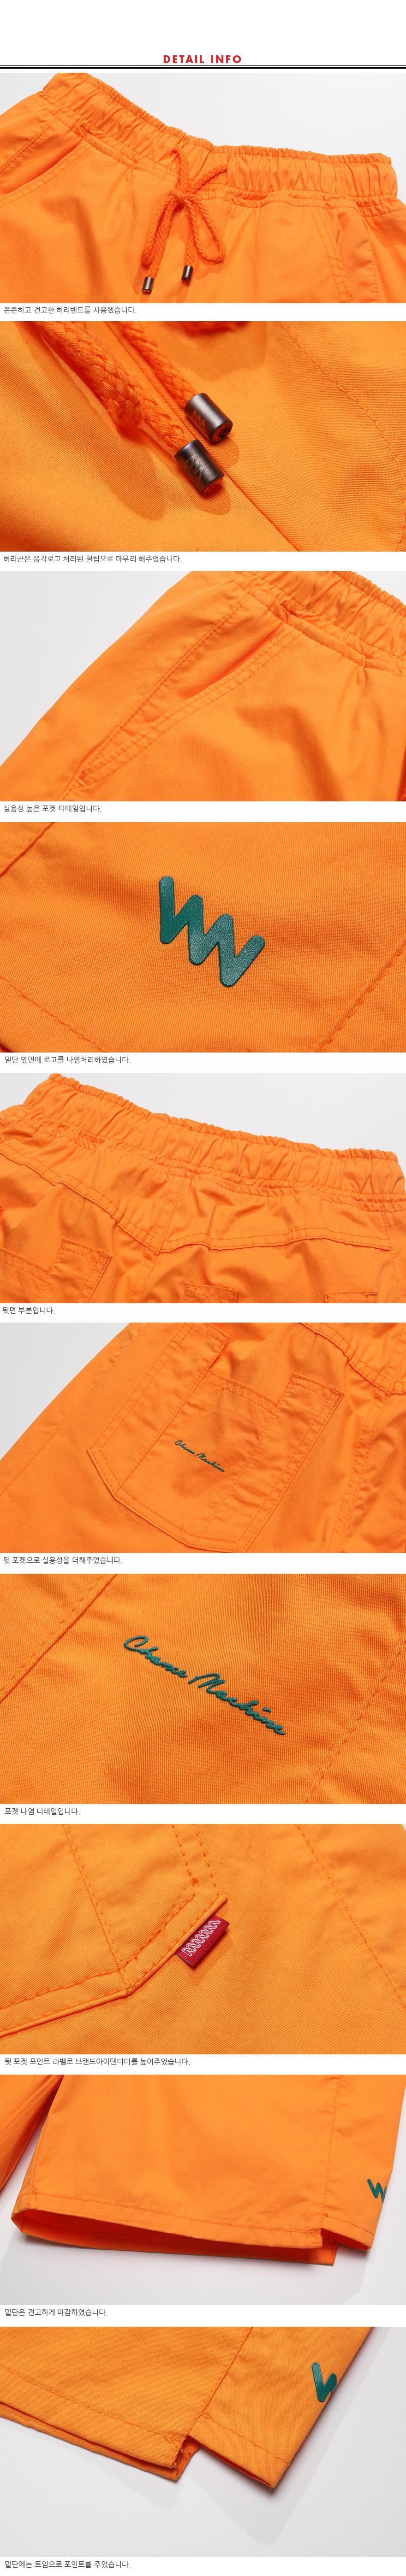 MJSP7247_detail_orange.jpg